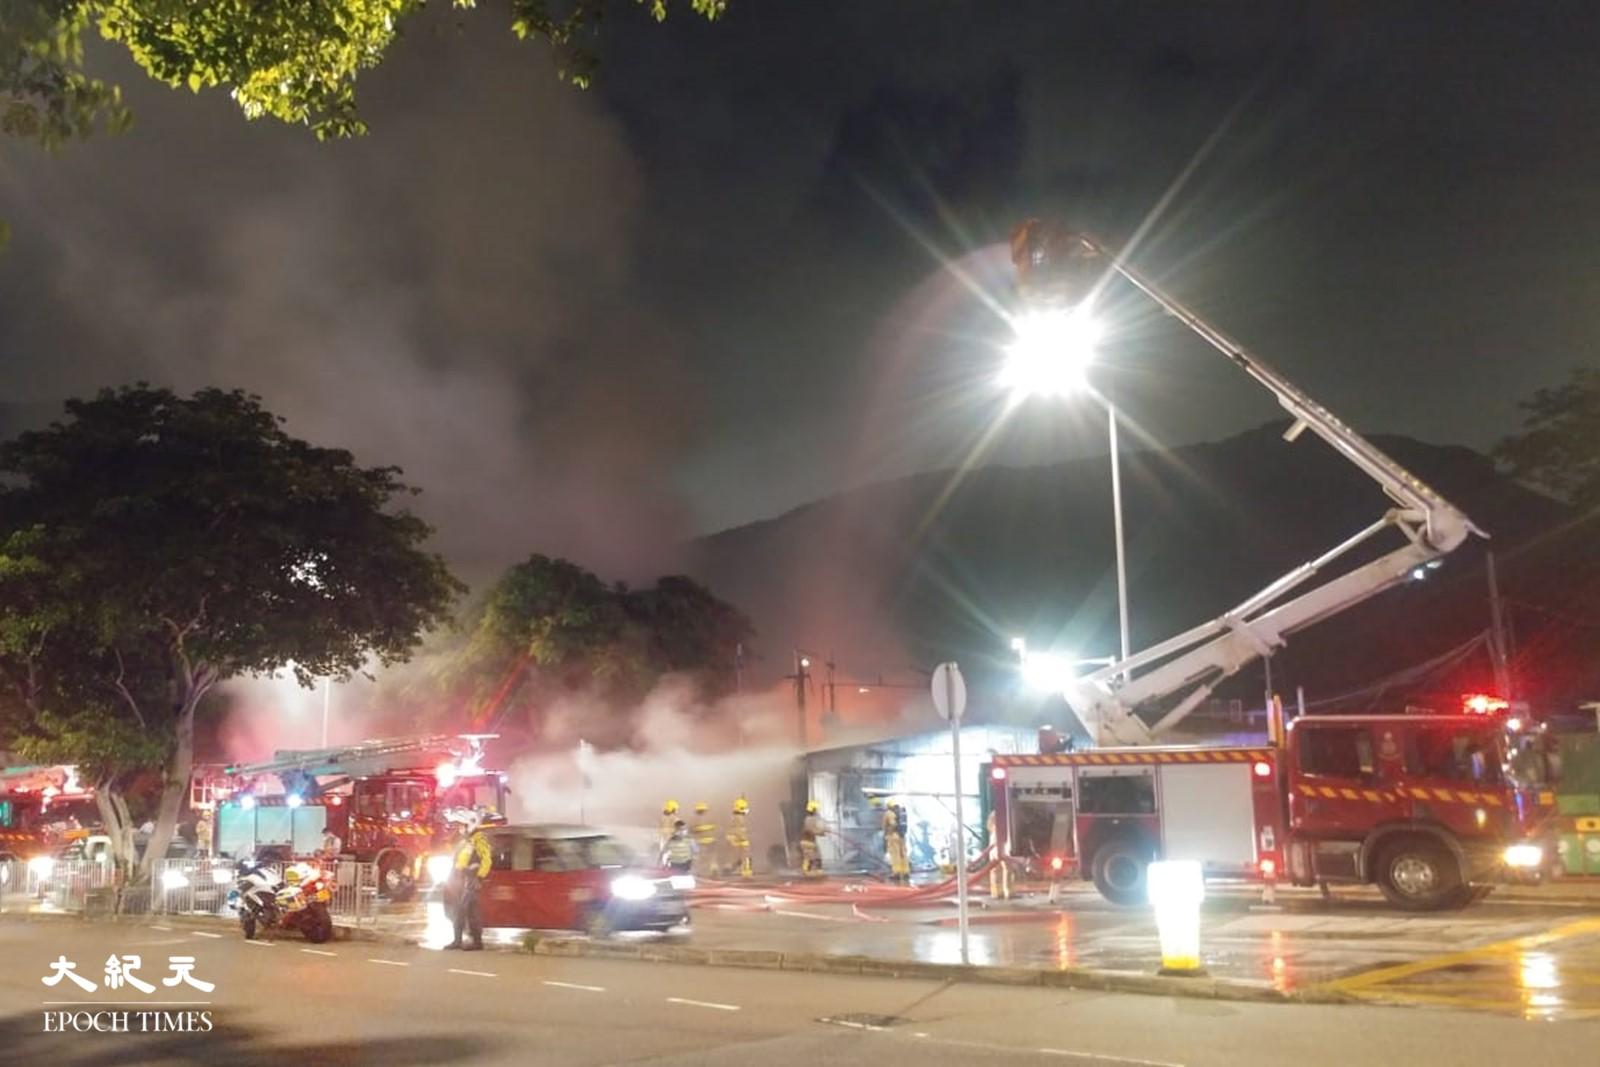 黃竹坑火警,據本報讀者報料指有10輛消防車出動。(讀者提供)